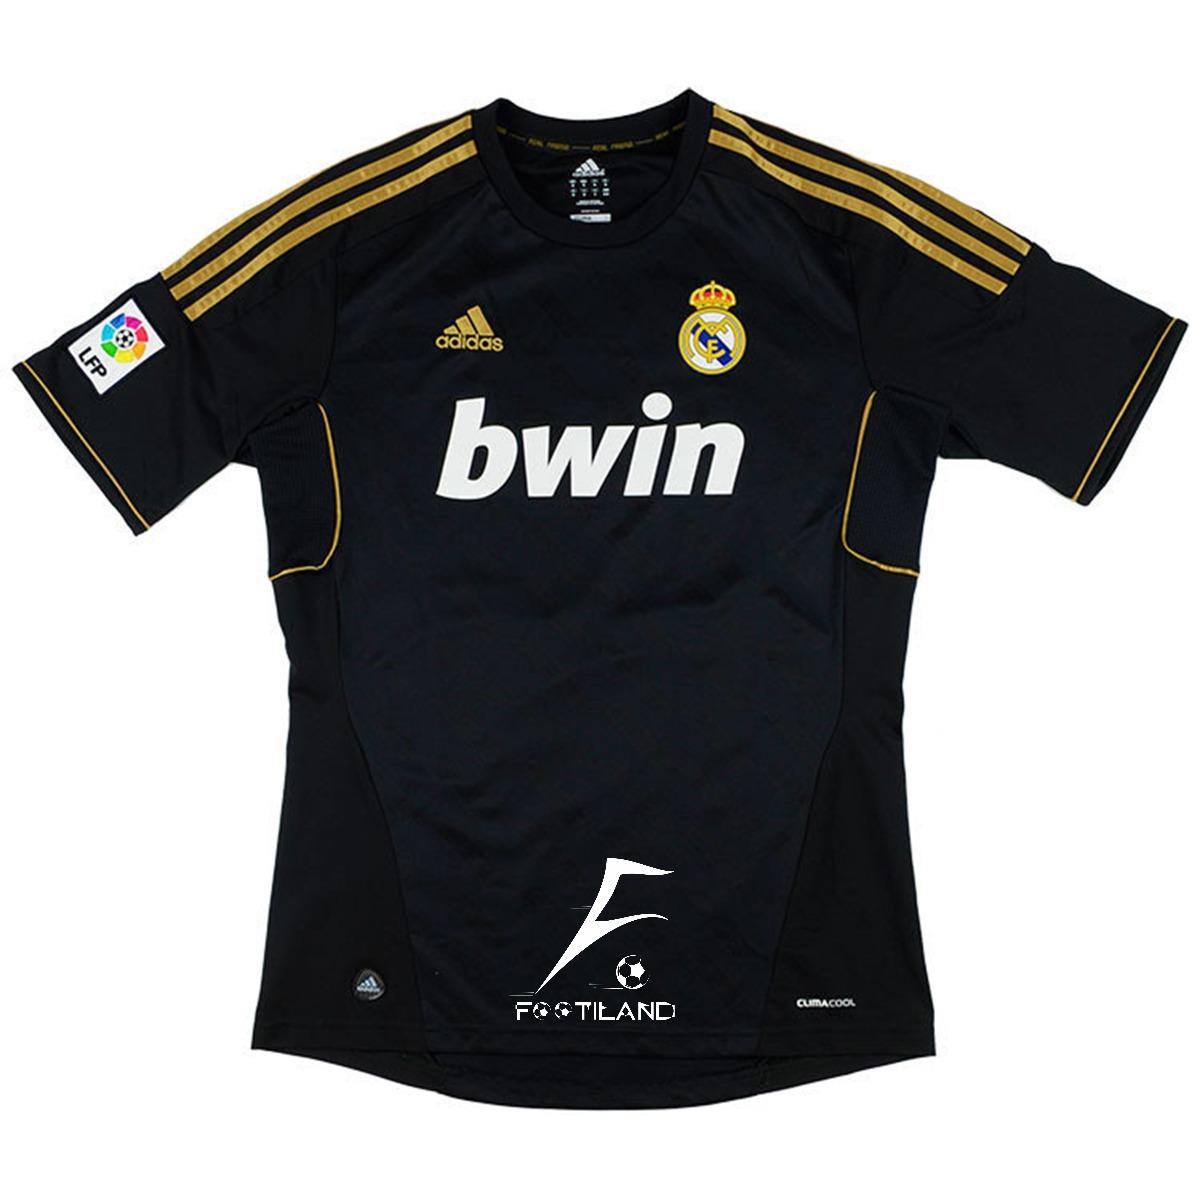 لباس کلاسیک رئال مادرید 2012